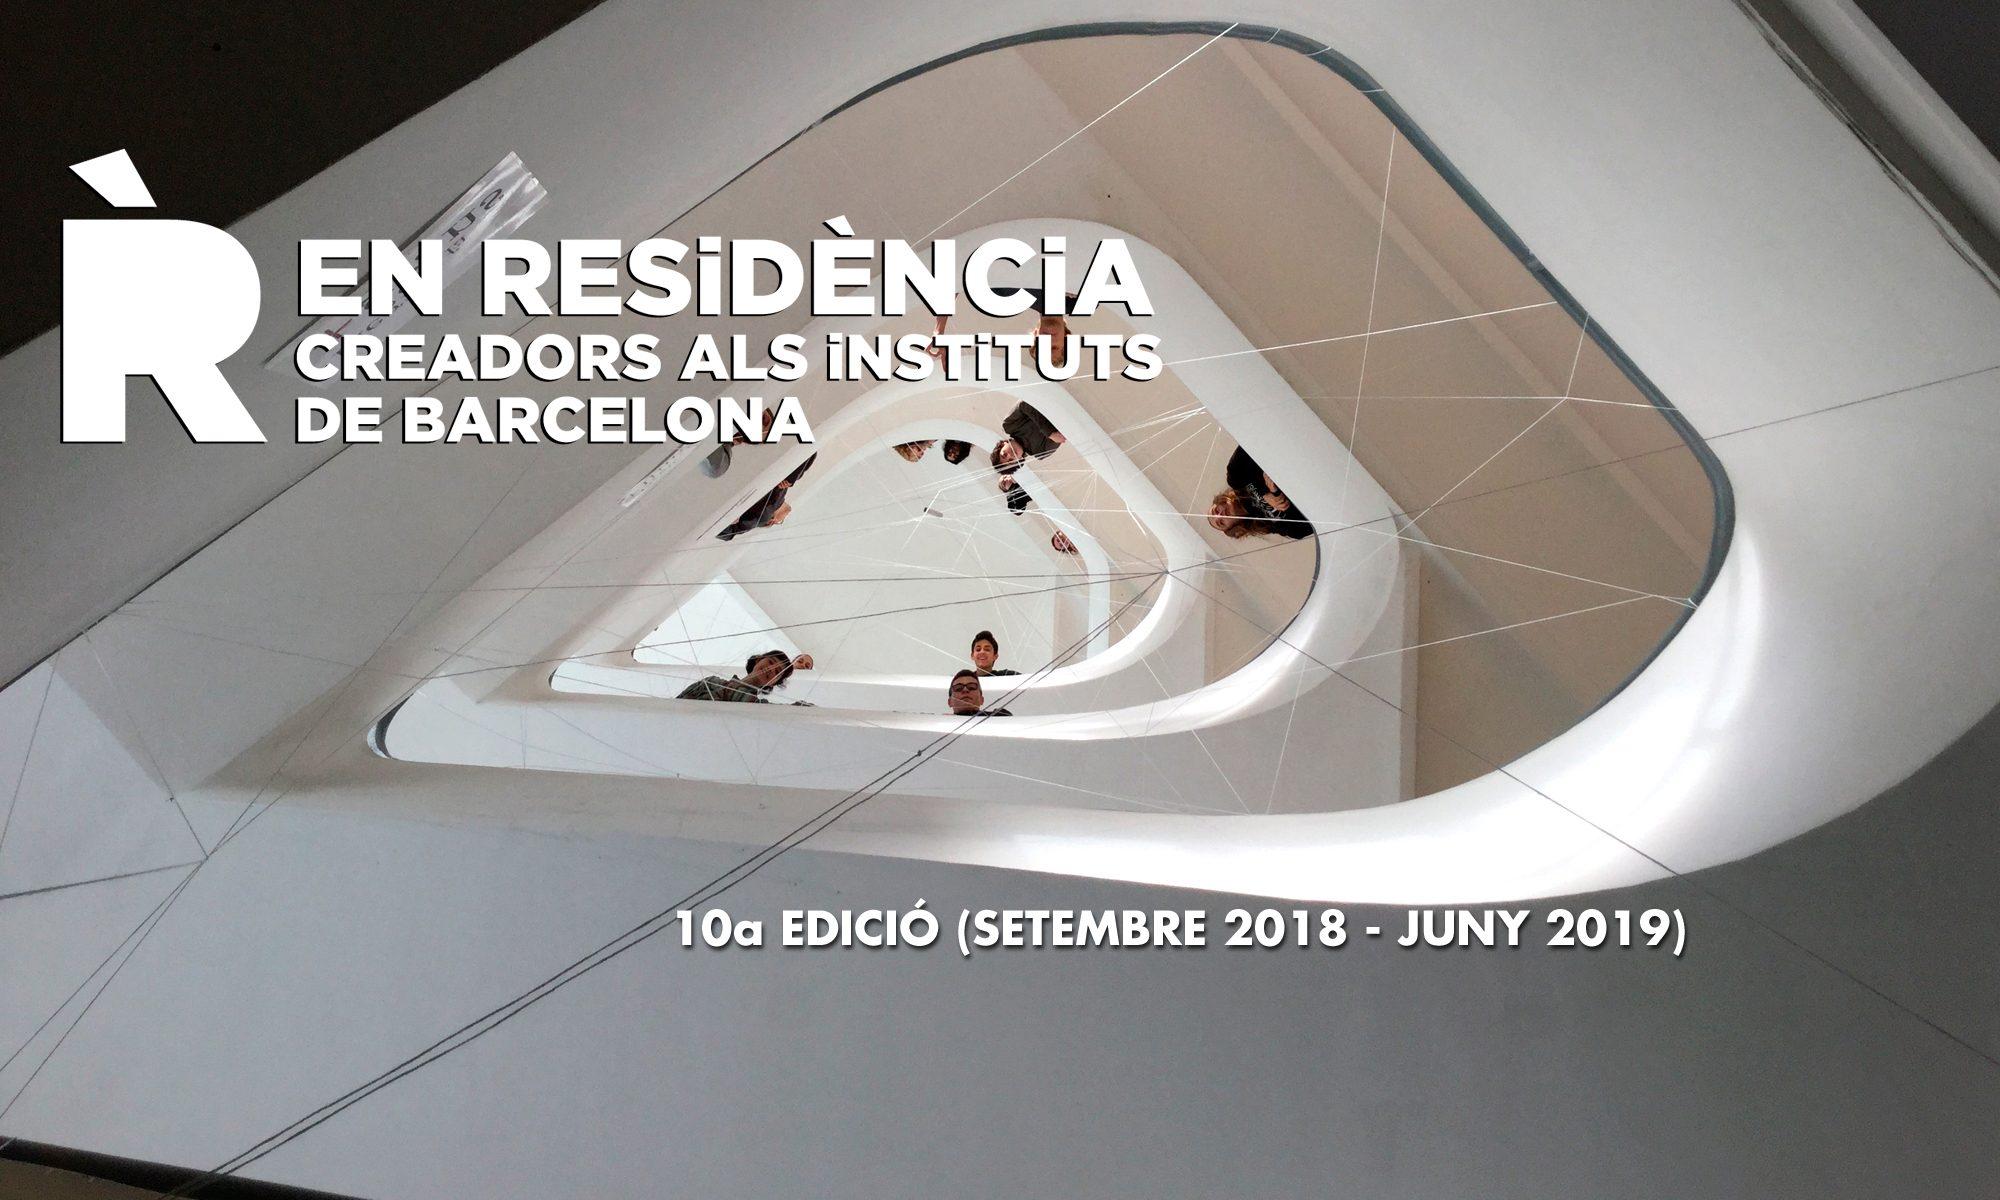 10a Edició (Setembre 2018 - Juny 2019)